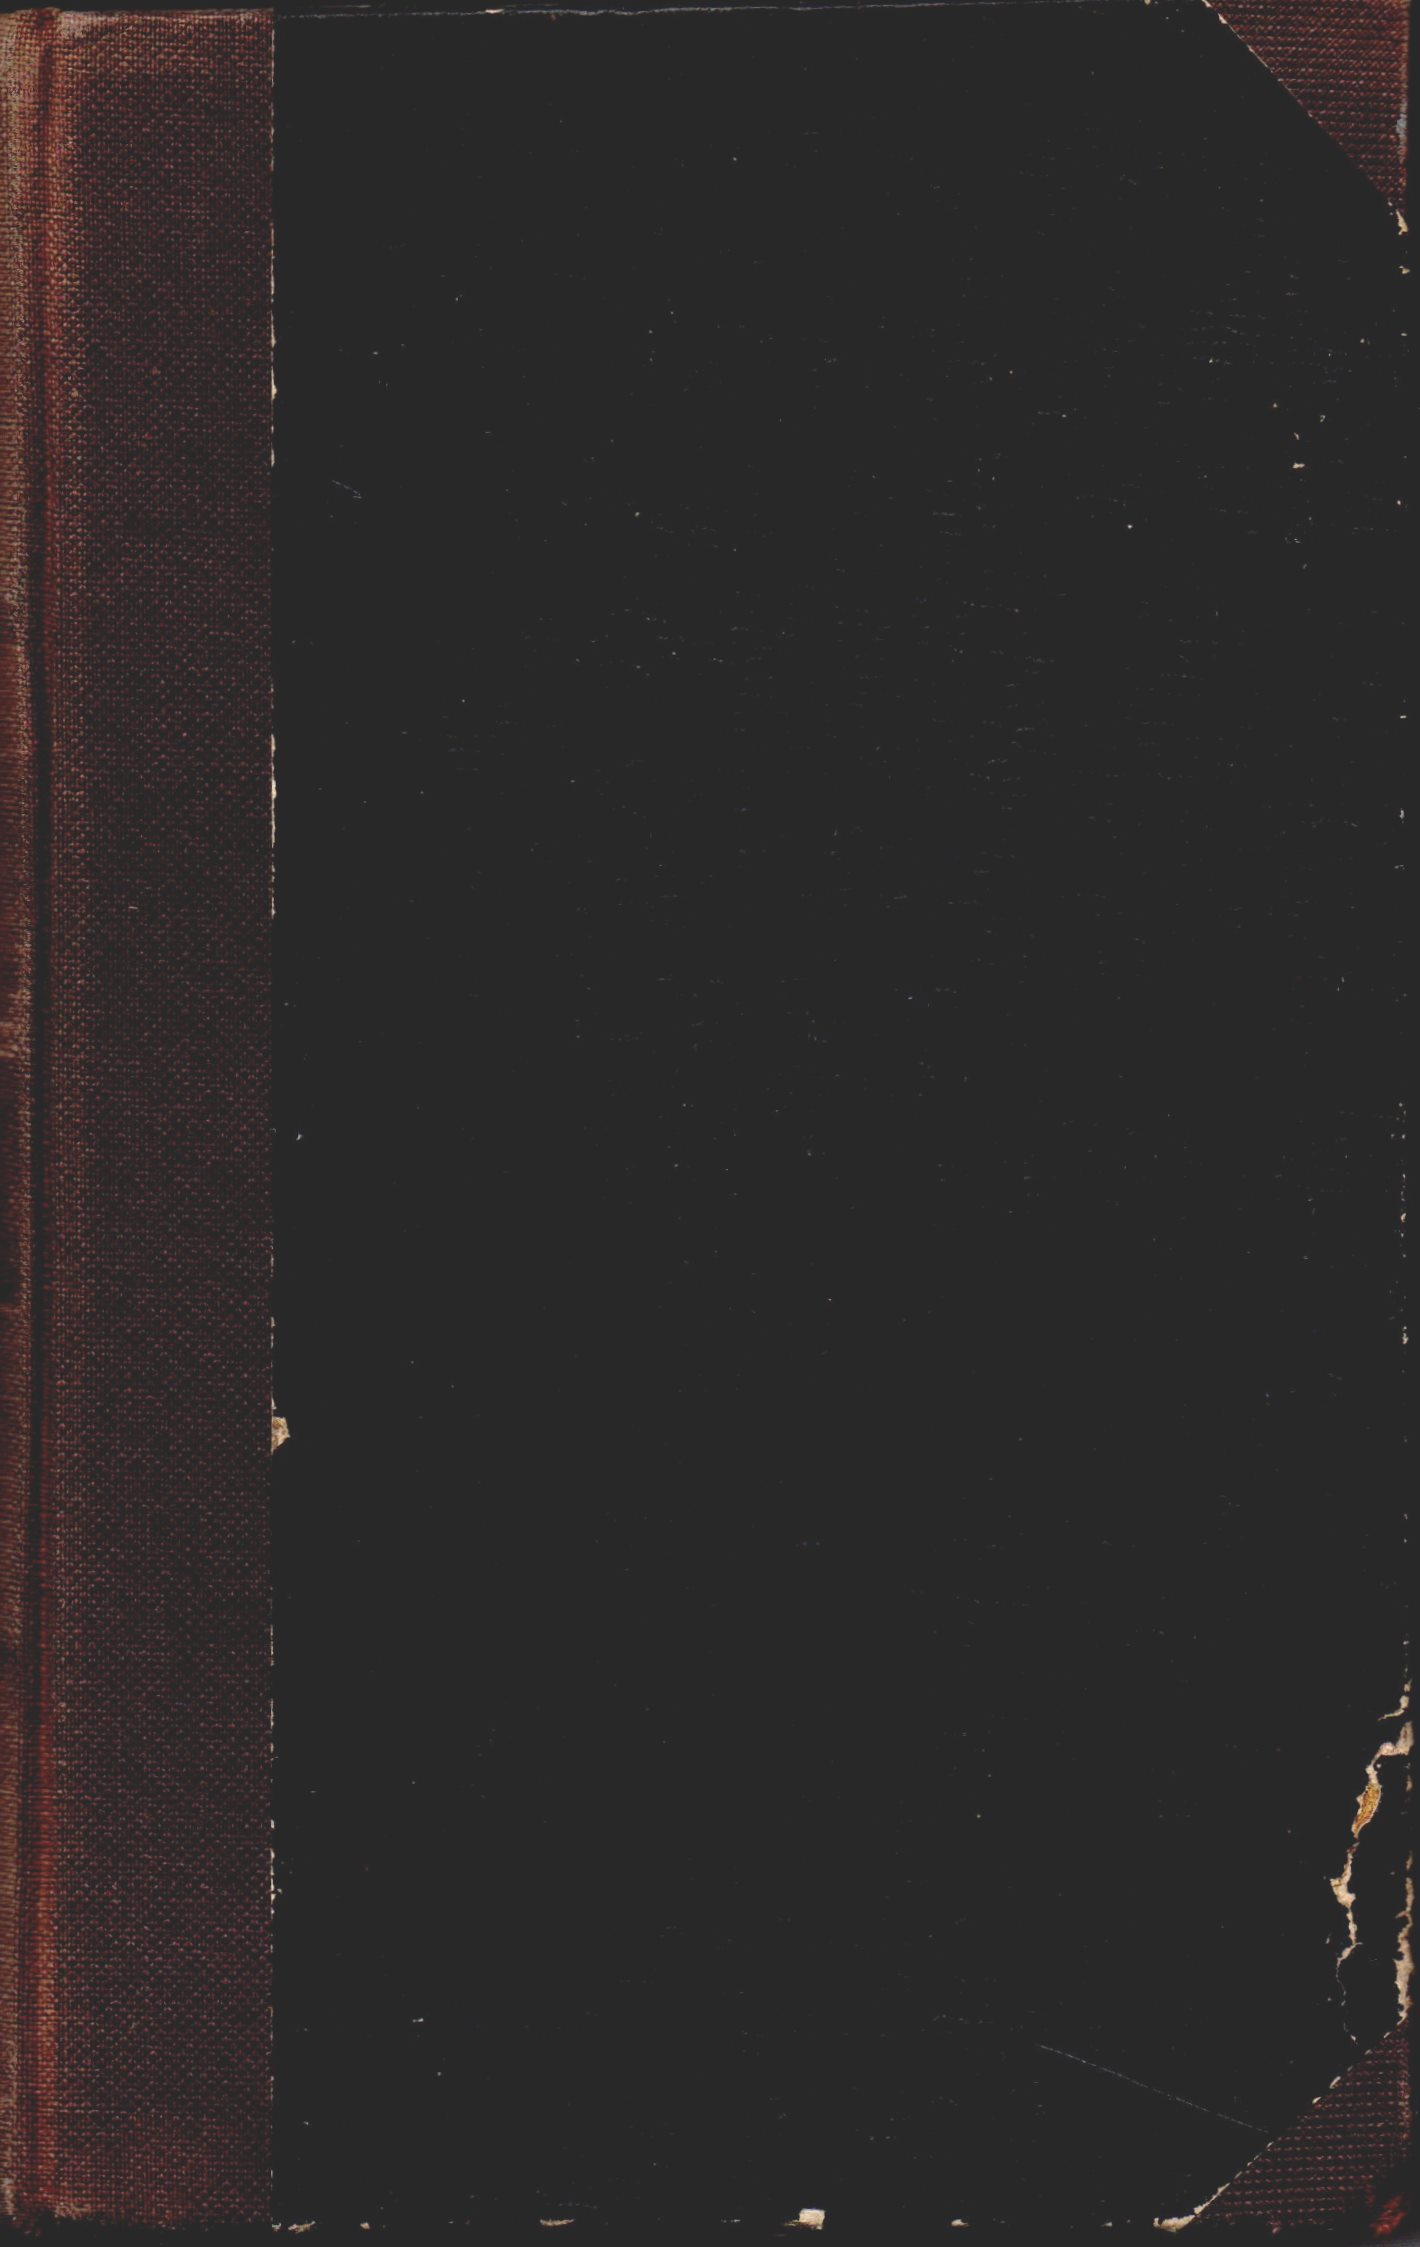 """Книга """"Powstanie narodu polskiego w r. 1830 i 1831 przez Maurycego Mochnackiego. T. ІІ / Встановлення польської нації у 1830 та 1831 роках Мауриція Мохнацького. Т. ІІ"""""""